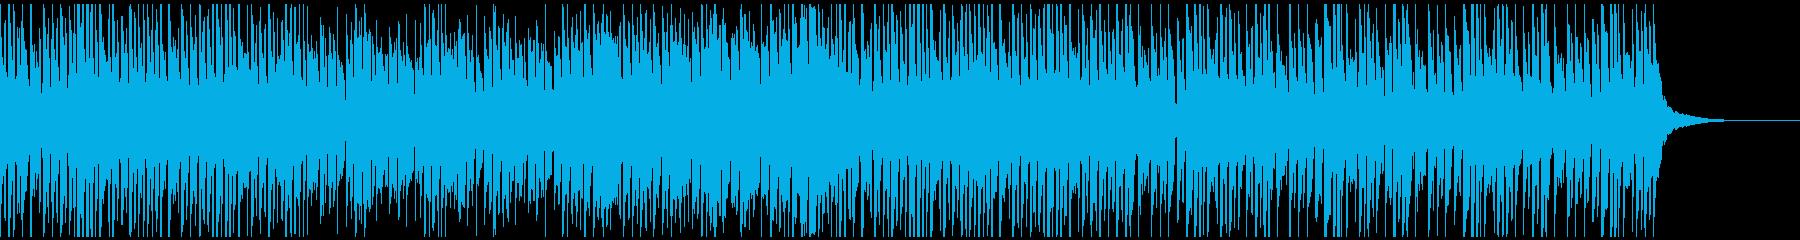 キュートで爽やかでシンプルな曲の再生済みの波形